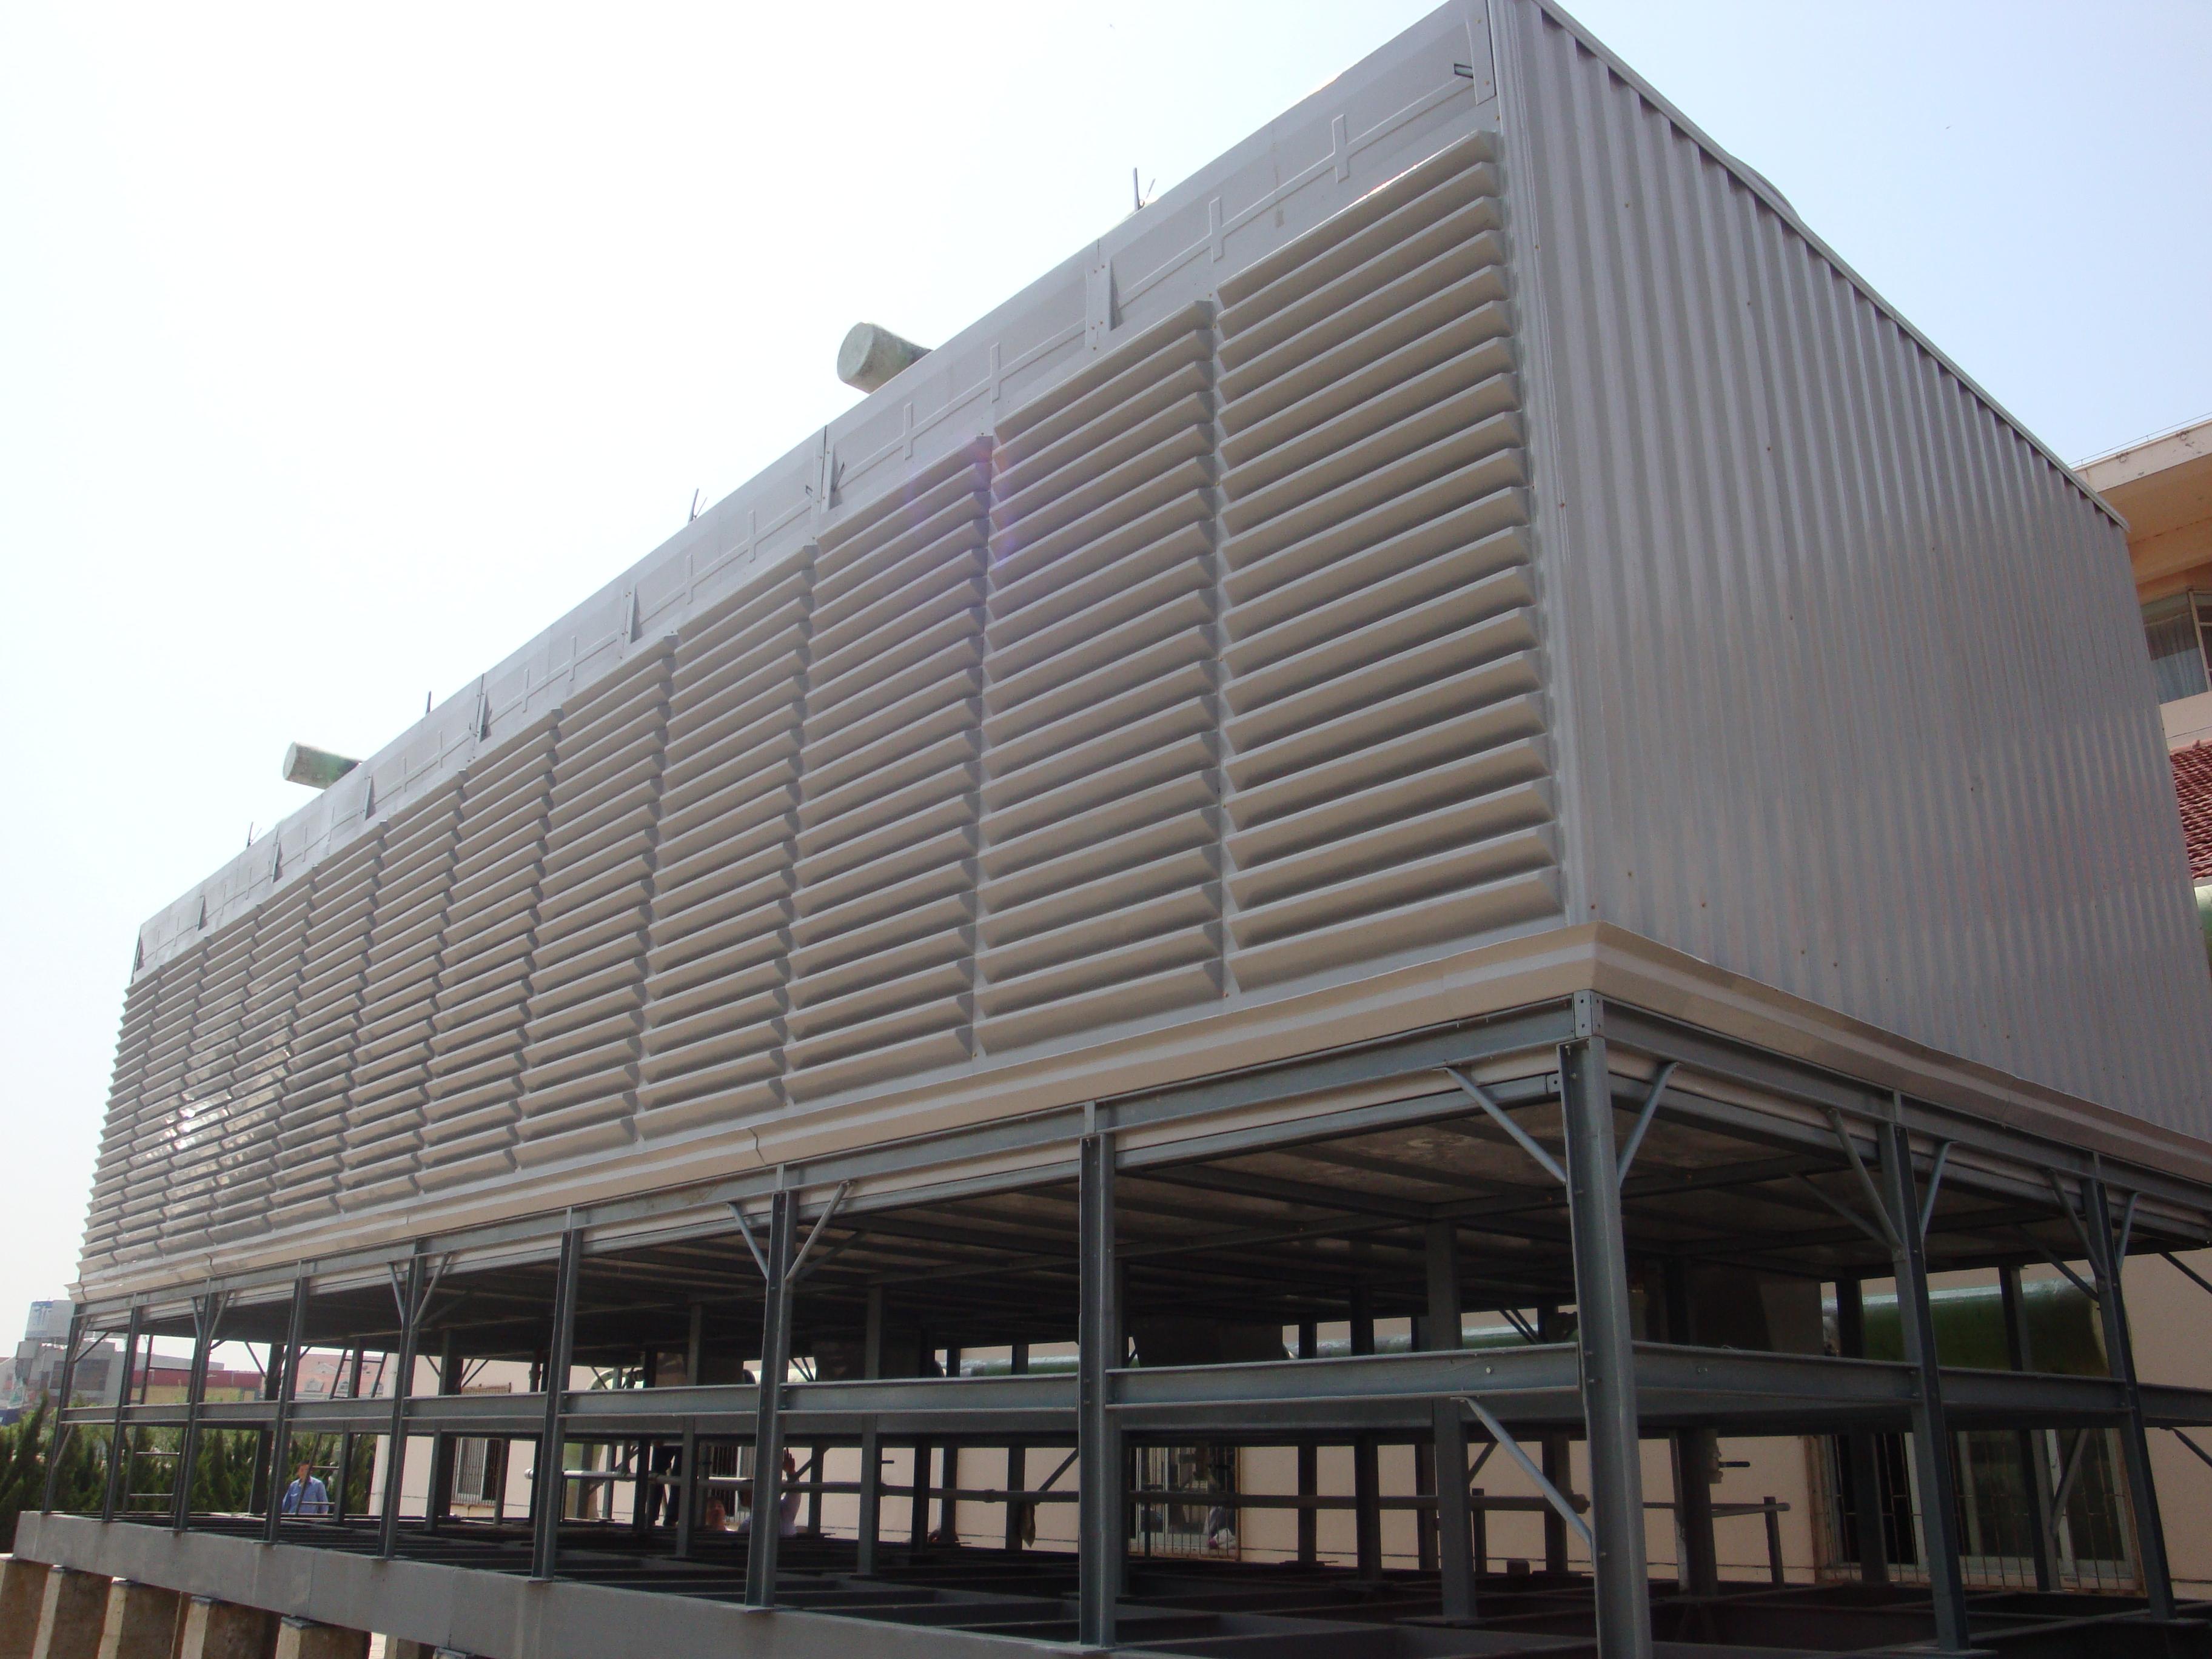 方形横流式工业型冷却塔@文水横流式工业型冷却塔价格@方形横流式工业型冷却塔厂家